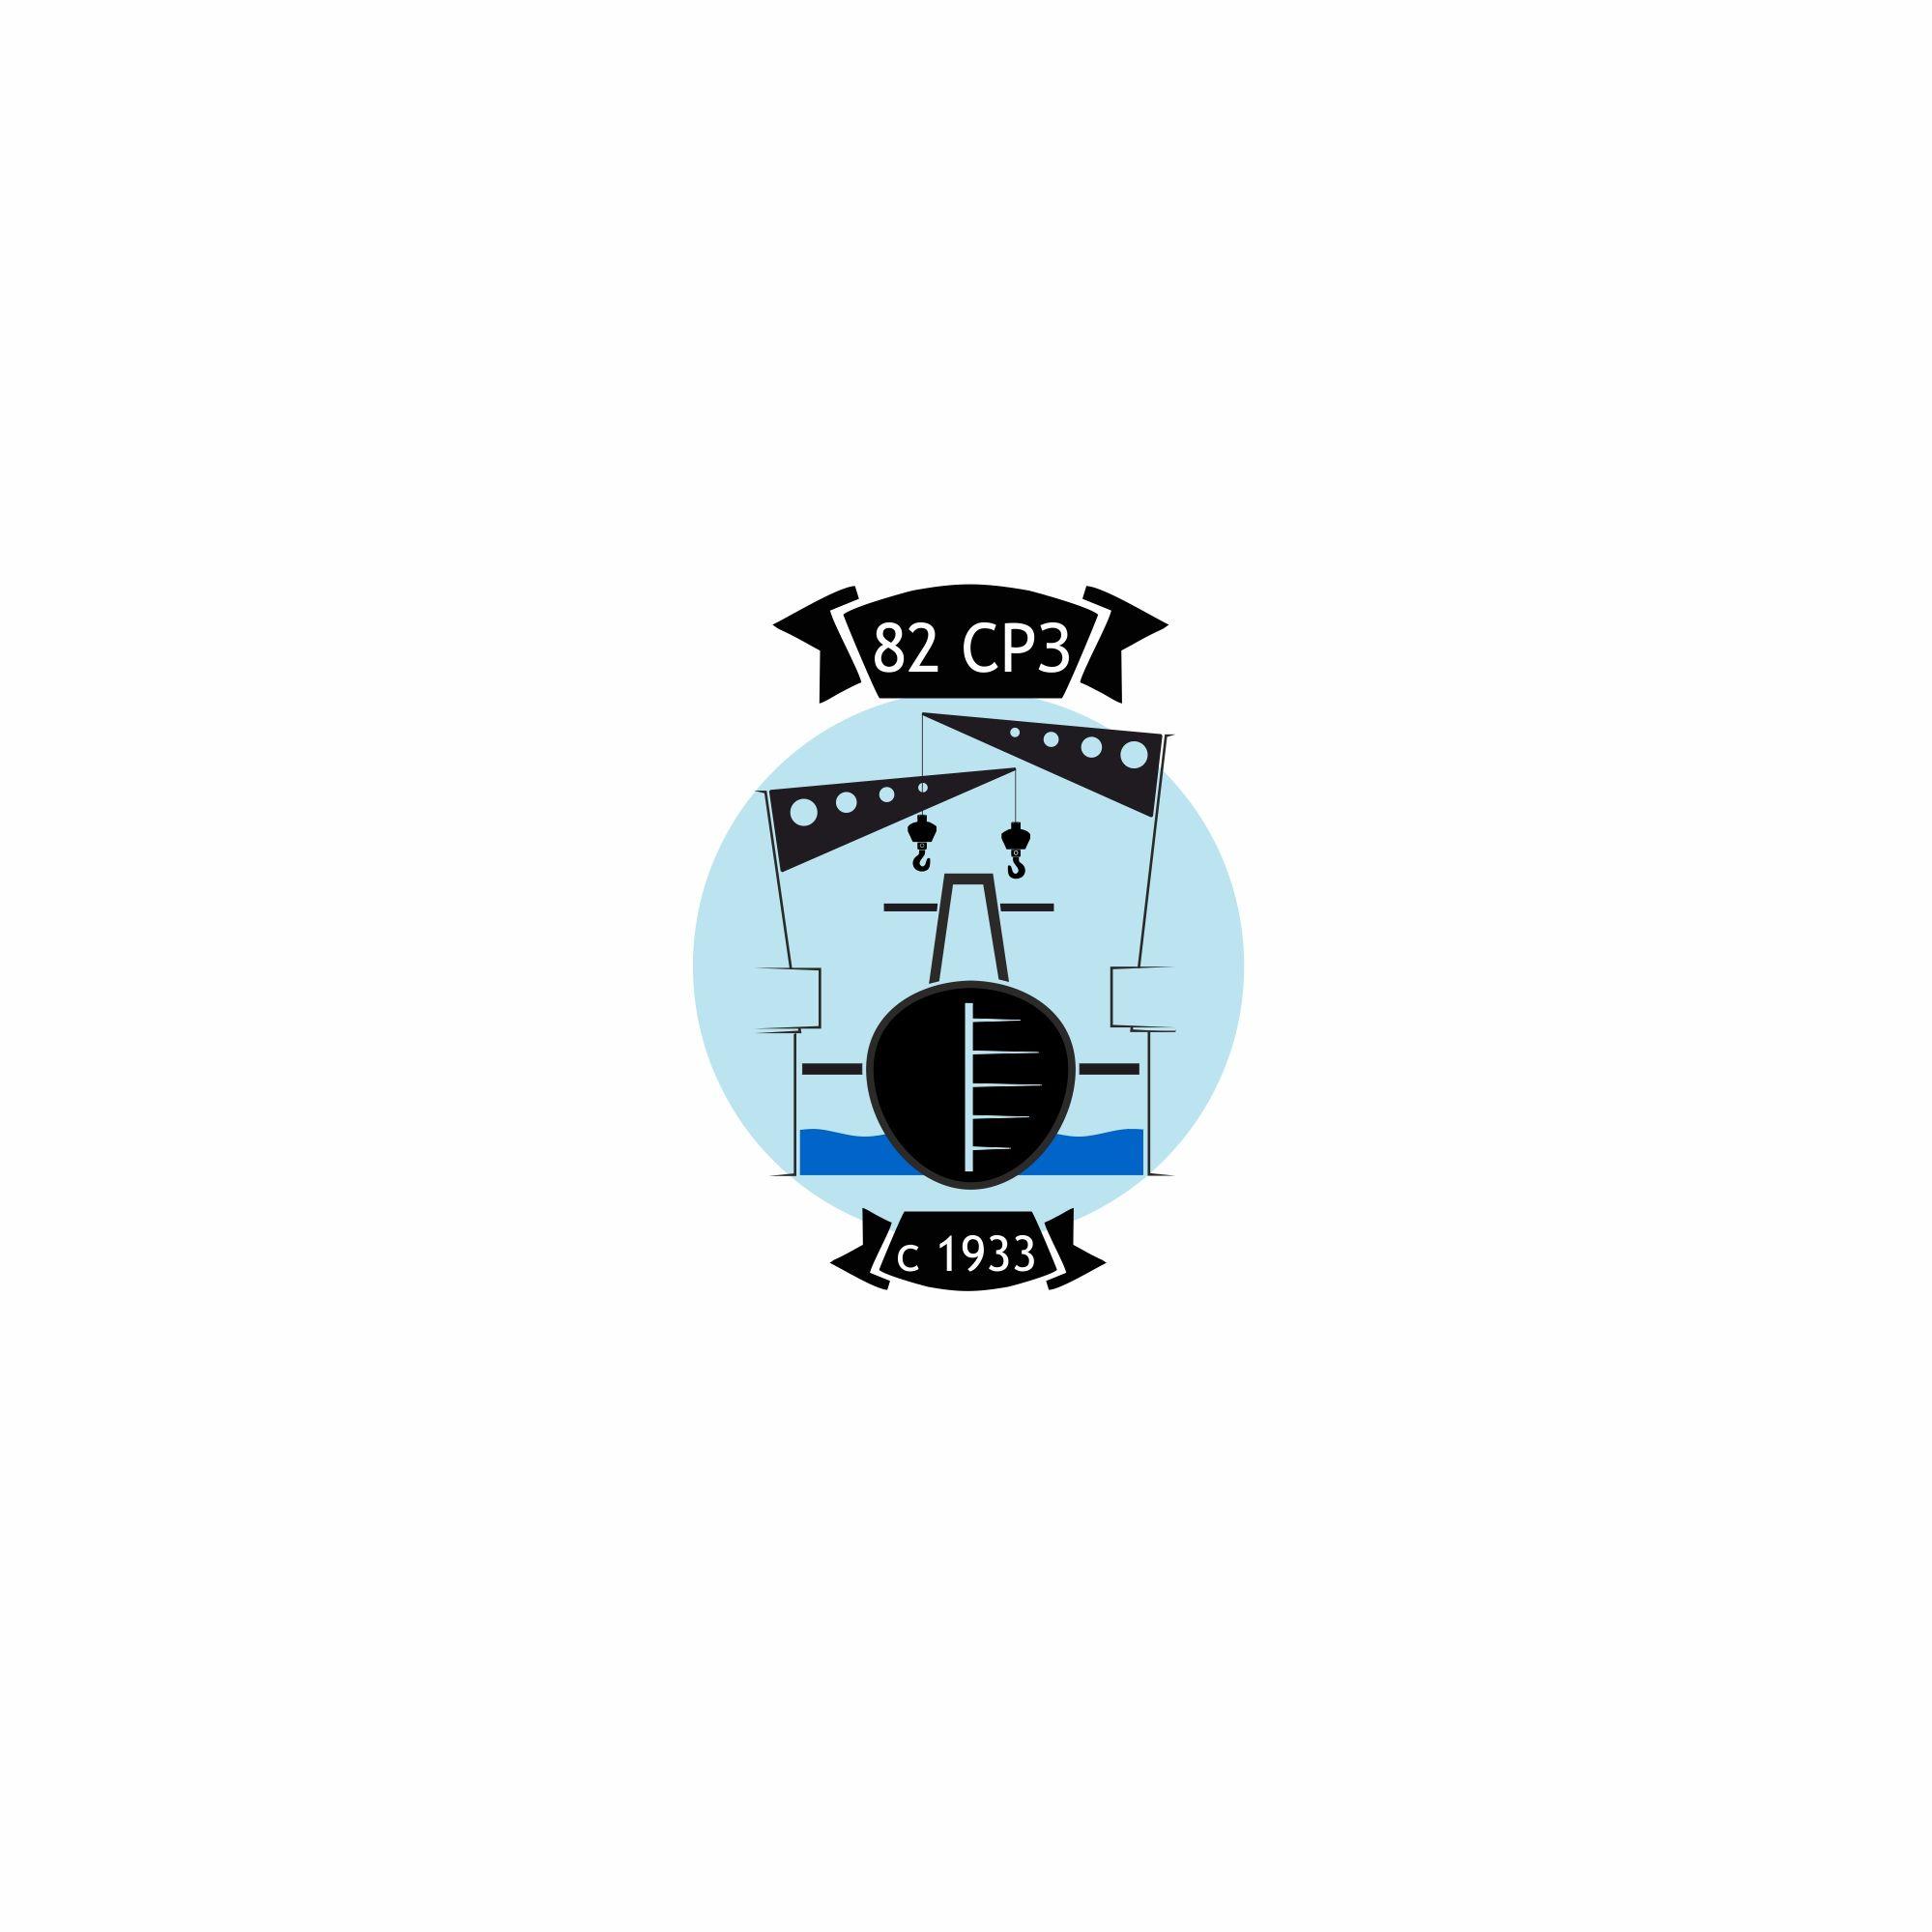 Логотип для судоремонтного завода - дизайнер LooseBaloon